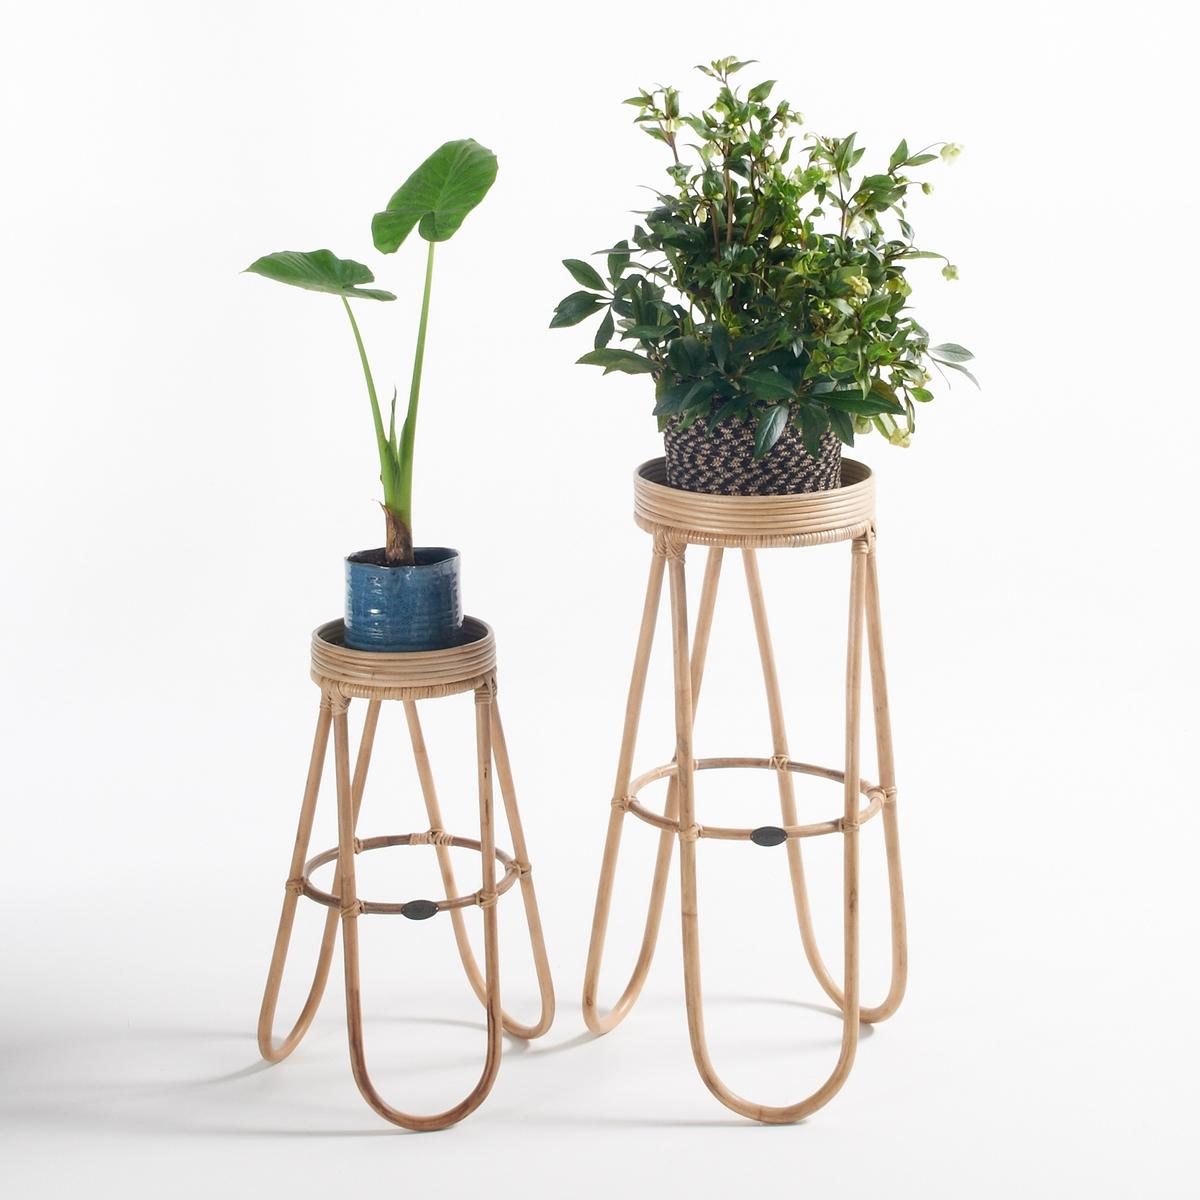 Комплект из 2 столиков для растений AbidaХарактеристики круглых столиков для растений Abida :Натуральный ротанг, покрытие естественного цвета3 изогнутые ножки из ротанга.Круглая столешница.Закругленные ножки.Размеры круглых столиков для растений Abida :Общие размеры маленького столикаДиаметр : 33 смВысота : 63 смОбщие размеры большого столикаДиаметр : 42 смВысота : 84 смРазмеры и вес упаковки :1 упаковка45 x 45 x 87 см6 кгДоставка:Товар продается в собранном виде.Возможна доставка до двери по предварительной договоренности.Внимание! Убедитесь, что возможно осуществить доставку товара, учитывая его габариты (проходит в дверные проемы, лестничные проходы, лифты).<br><br>Цвет: серо-бежевый